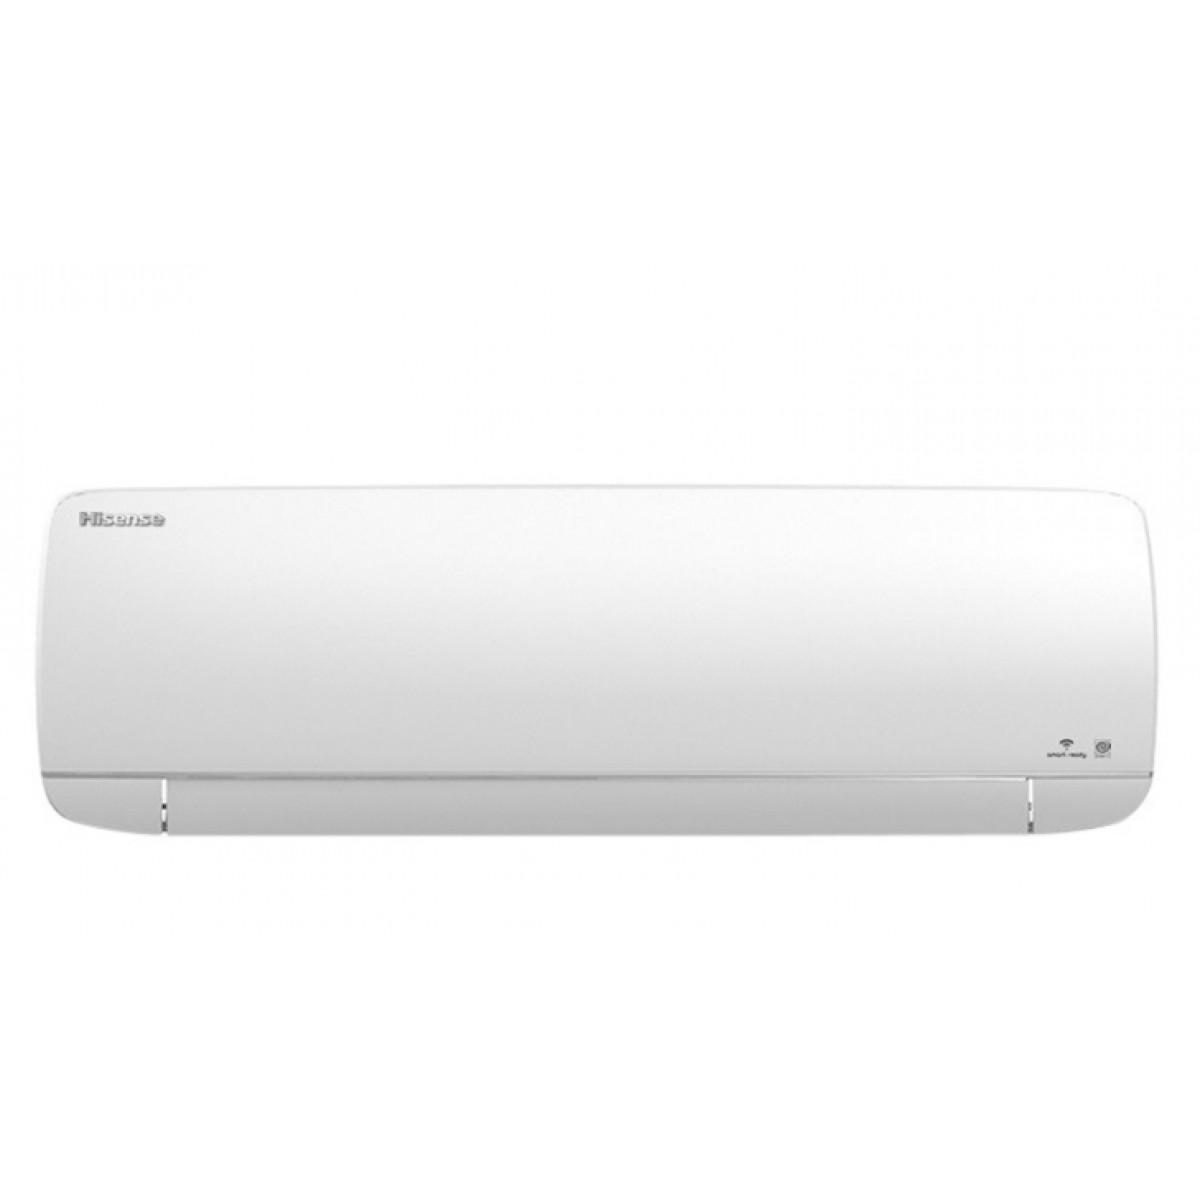 海信(Hisense)KFR-26GW/A8Q300N-A2(1N24)大1匹变频空调